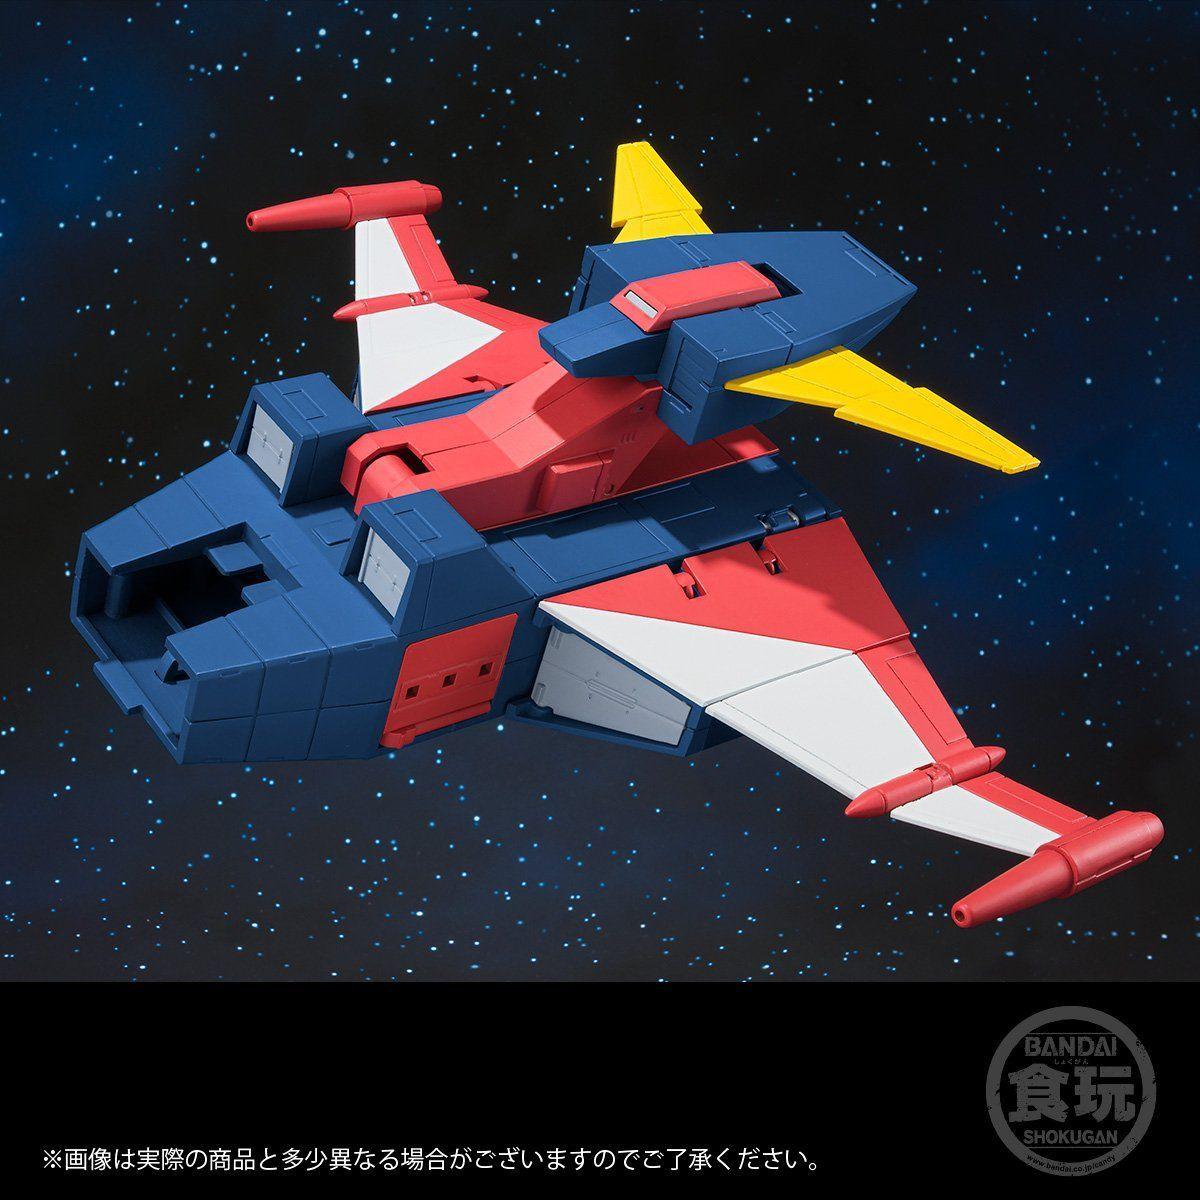 【食玩】スーパーミニプラ『無敵ロボ トライダーG7』3個入りBOX-018